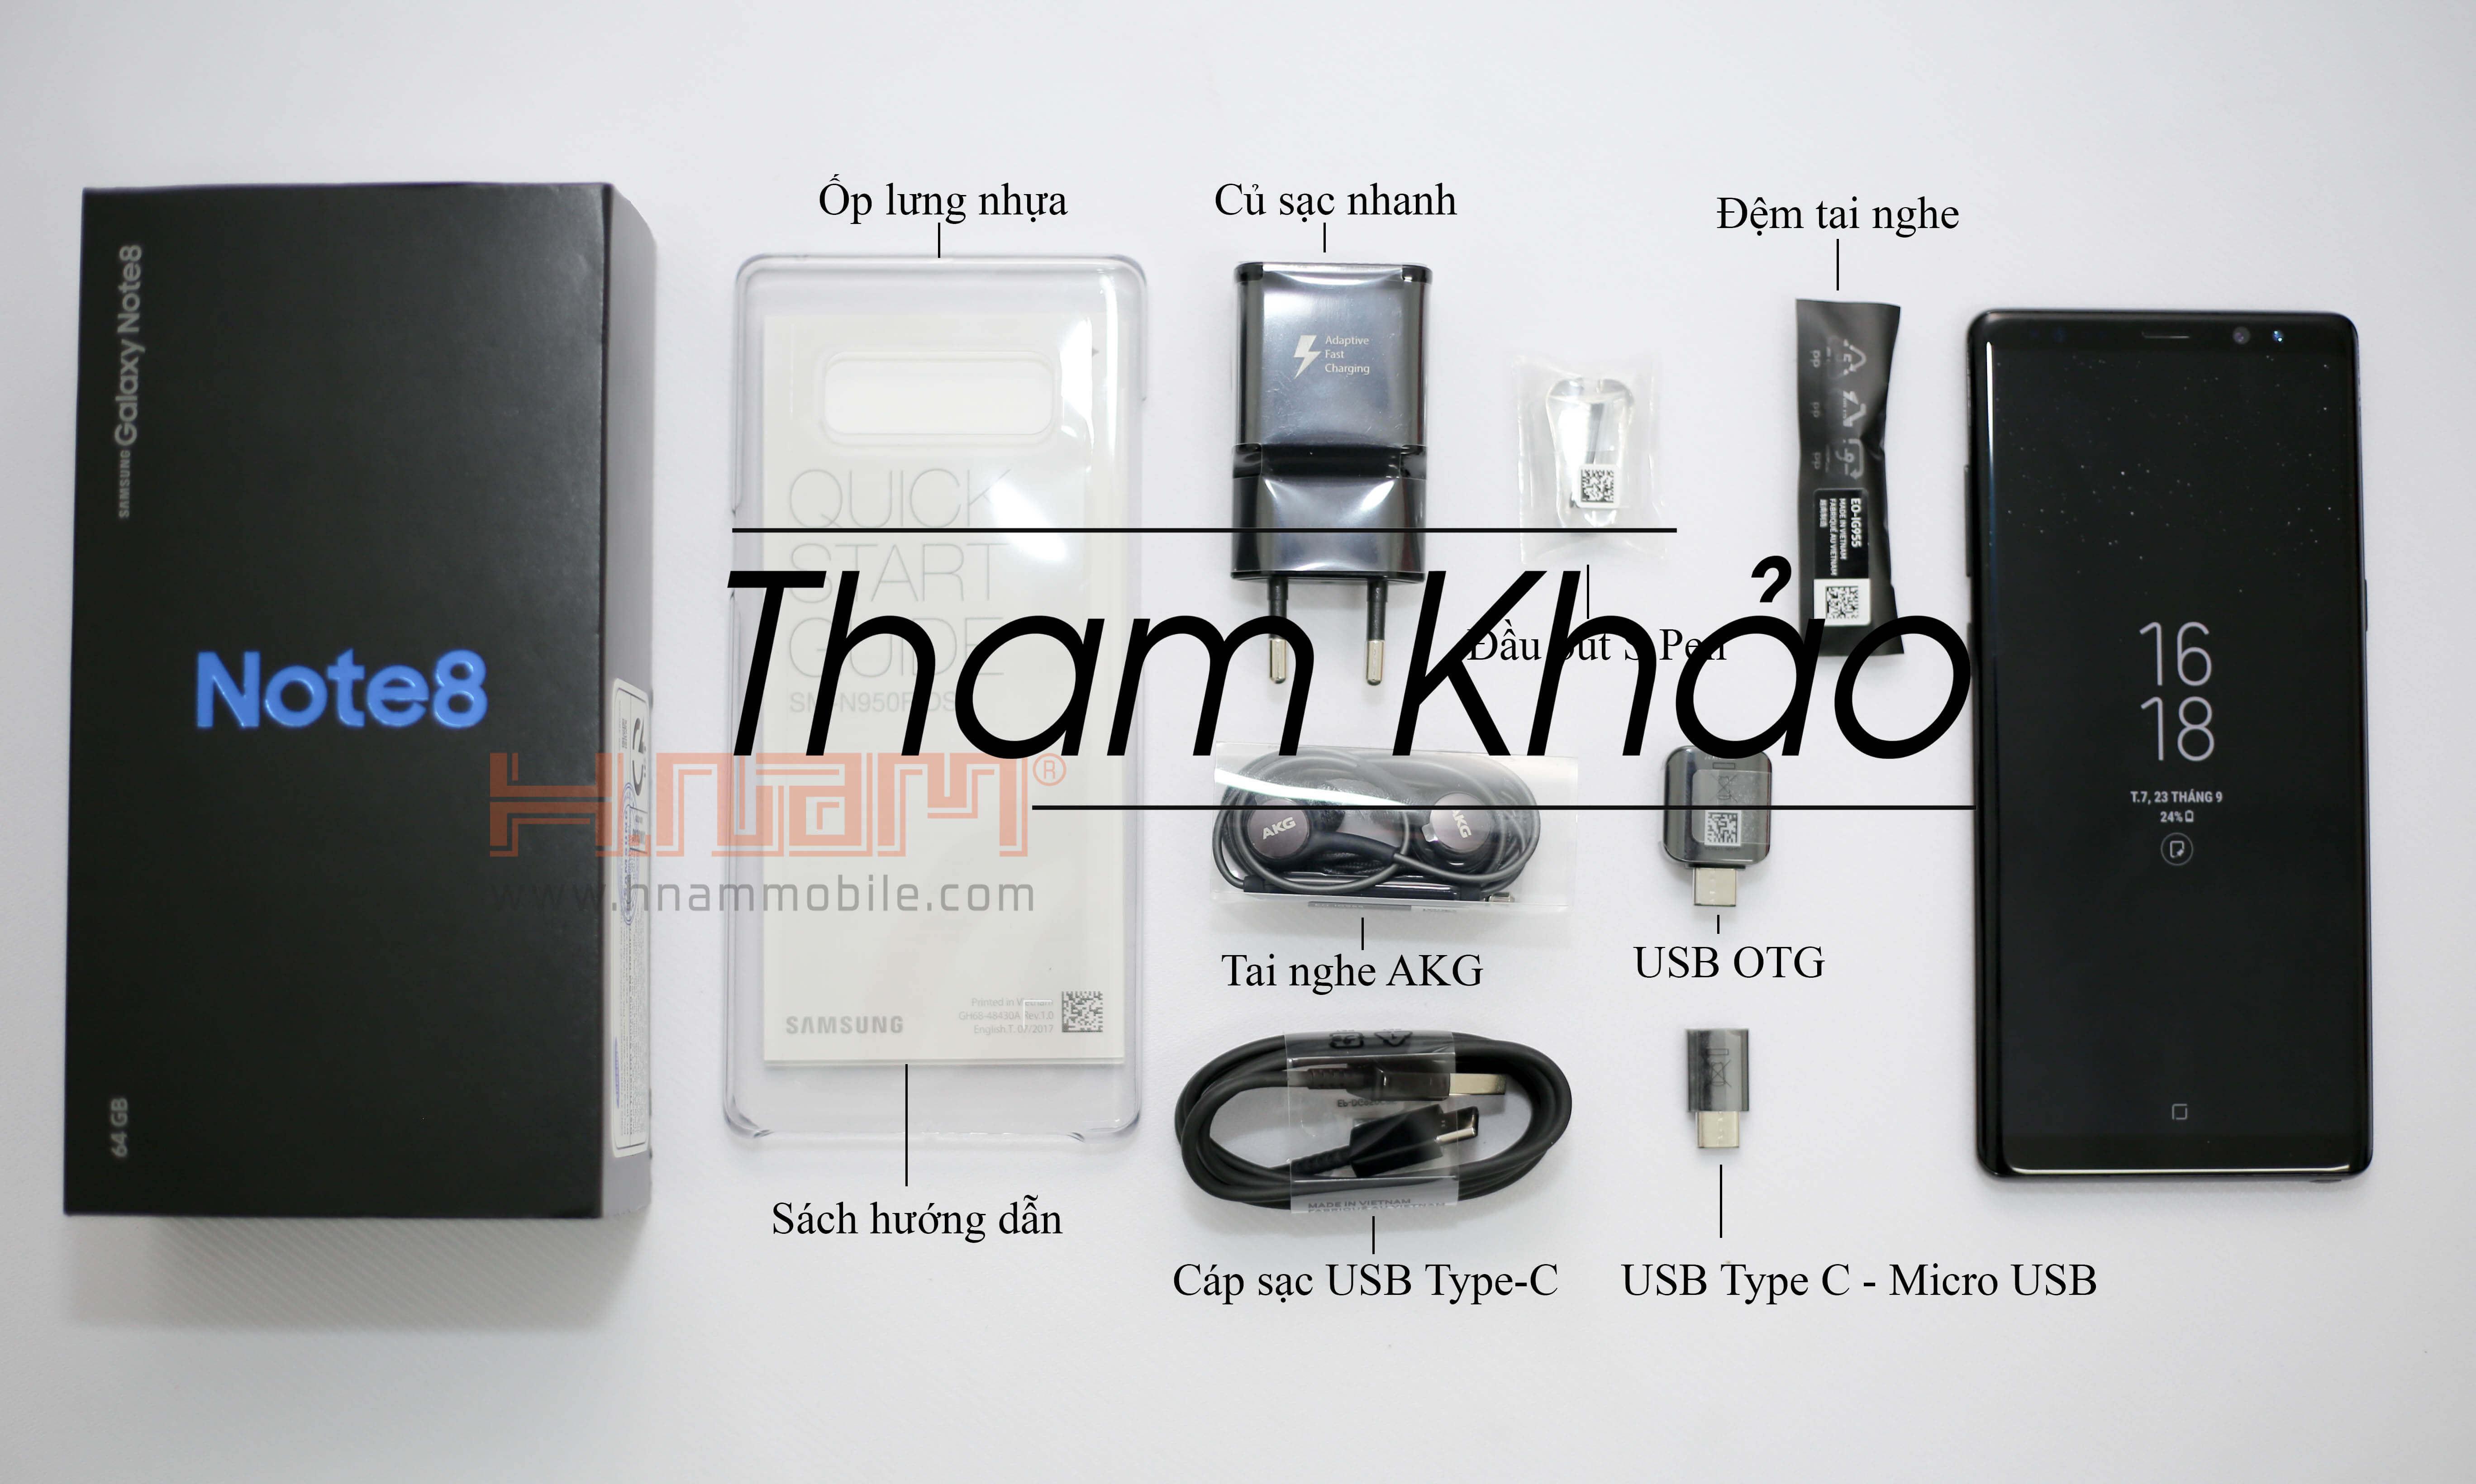 Samsung Galaxy Note 8 64Gb N950 Hàn Quốc ( 1047 Hồng Bàng ) hình sản phẩm 0